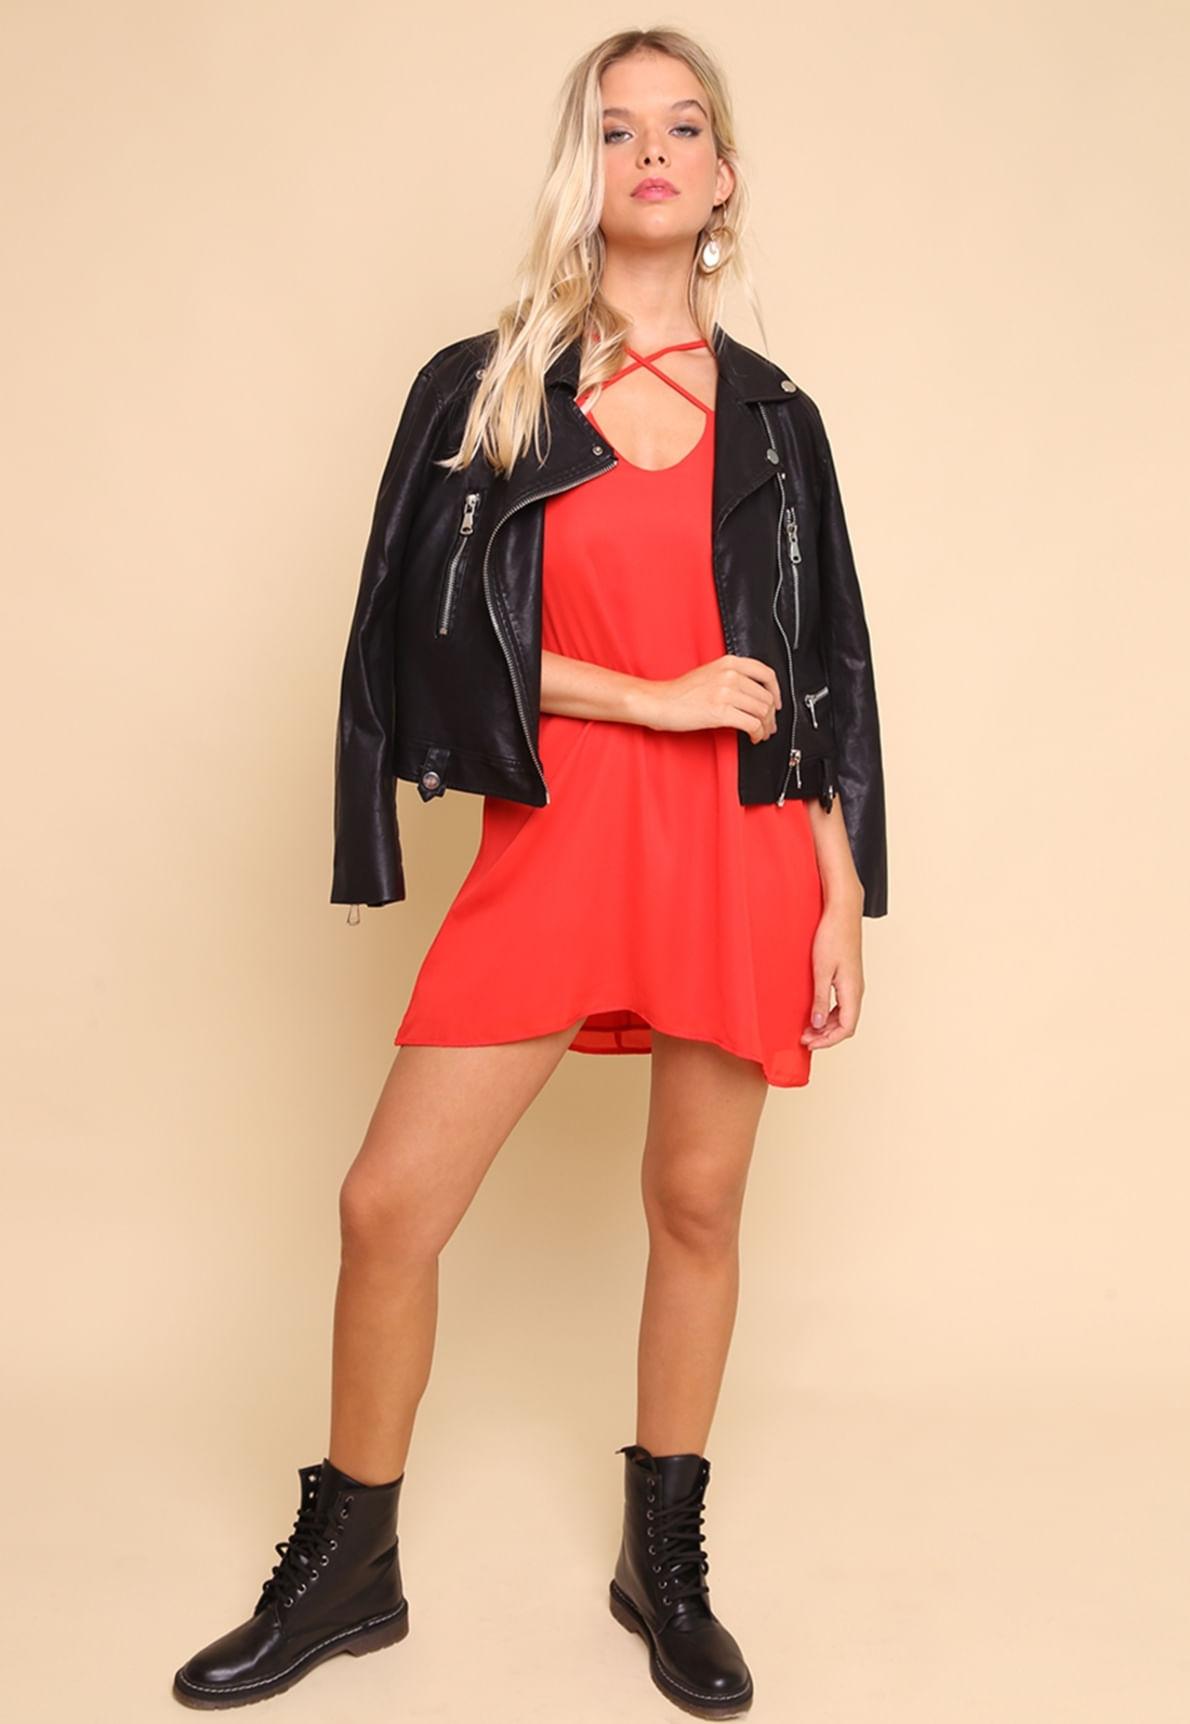 29630-vestido-alcas-em-x-vermelho-ella-mundo-lolita-03